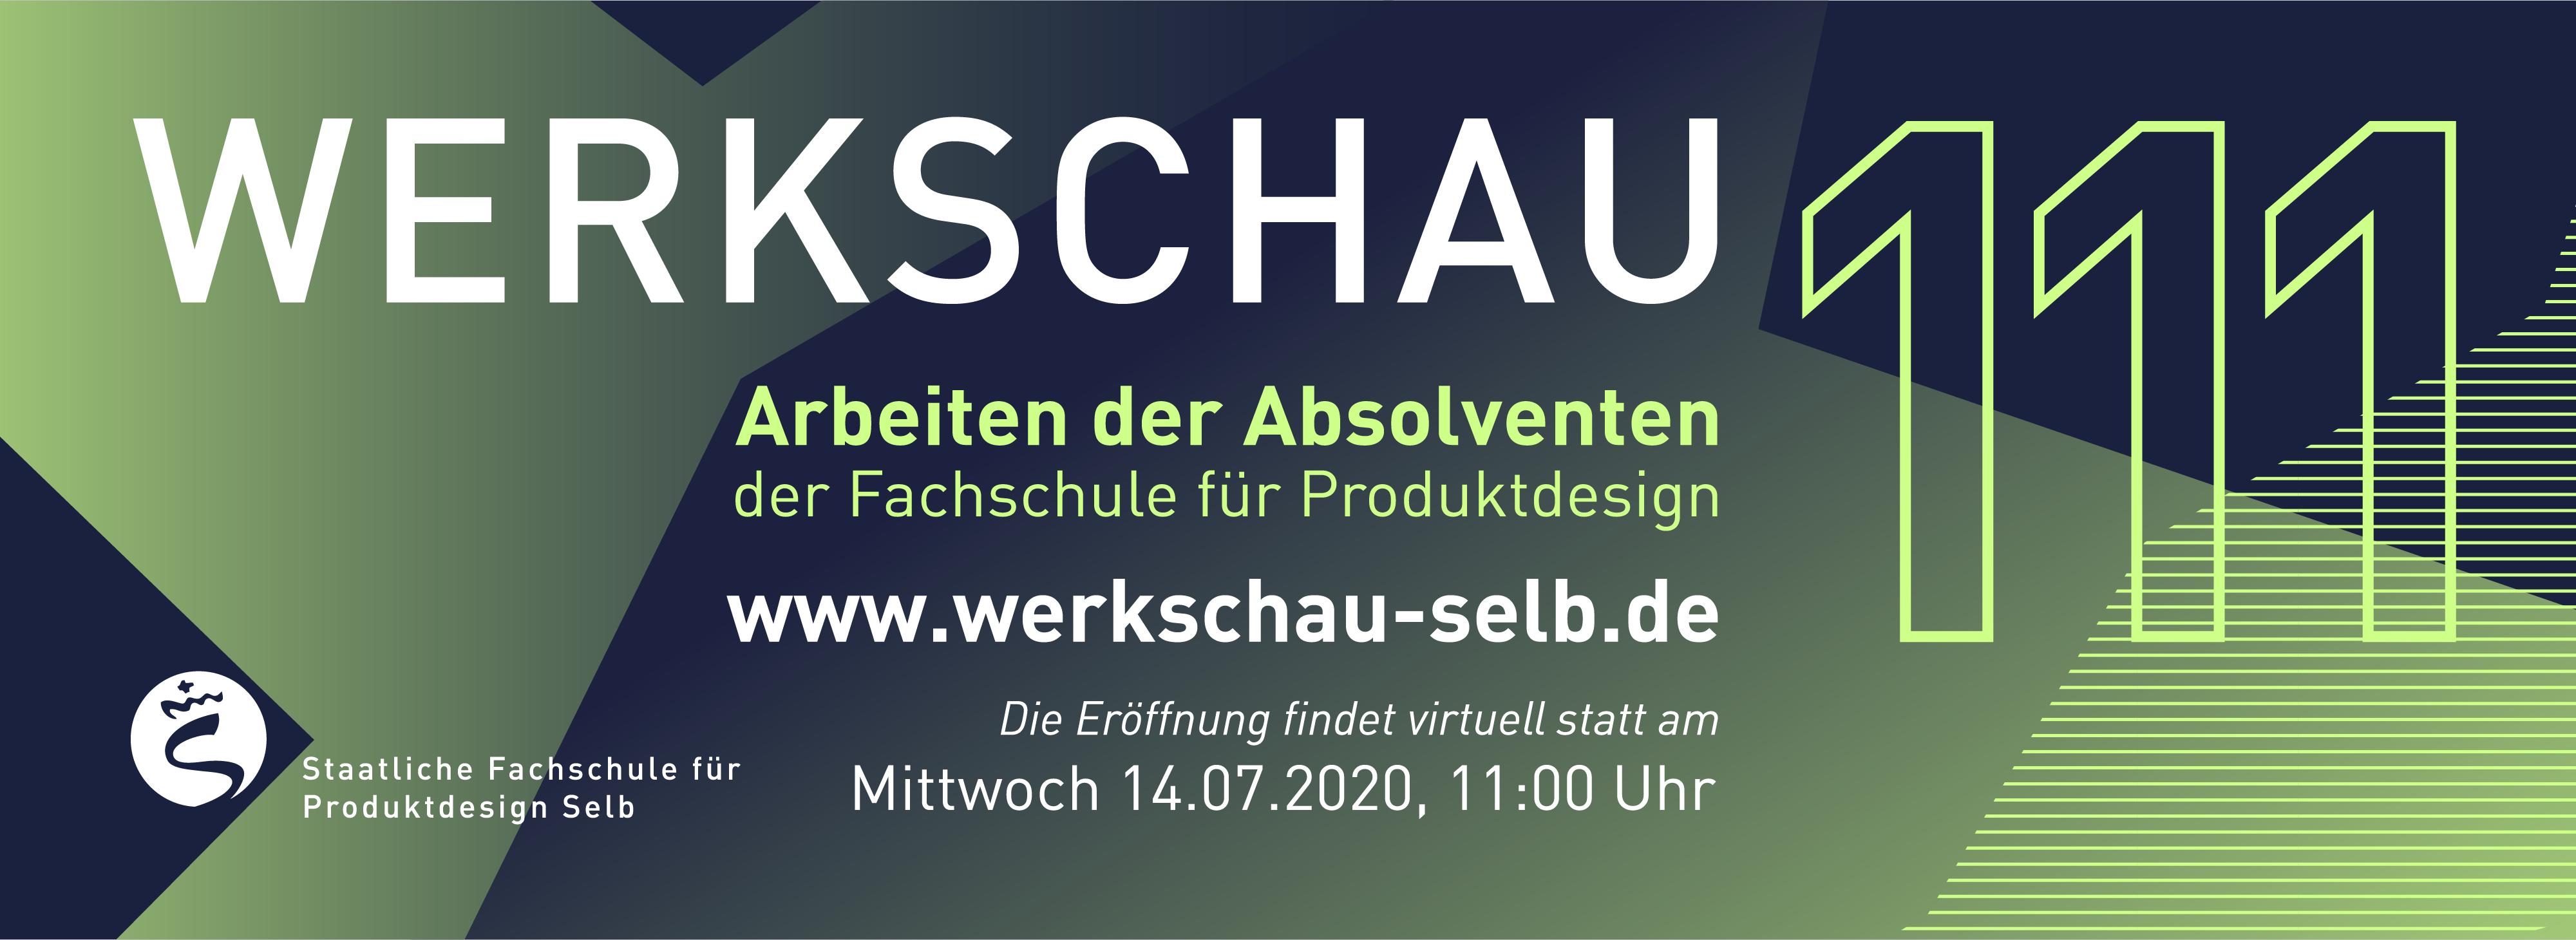 Werkschau 2020, 14.07.2020, 11.00 MESZ